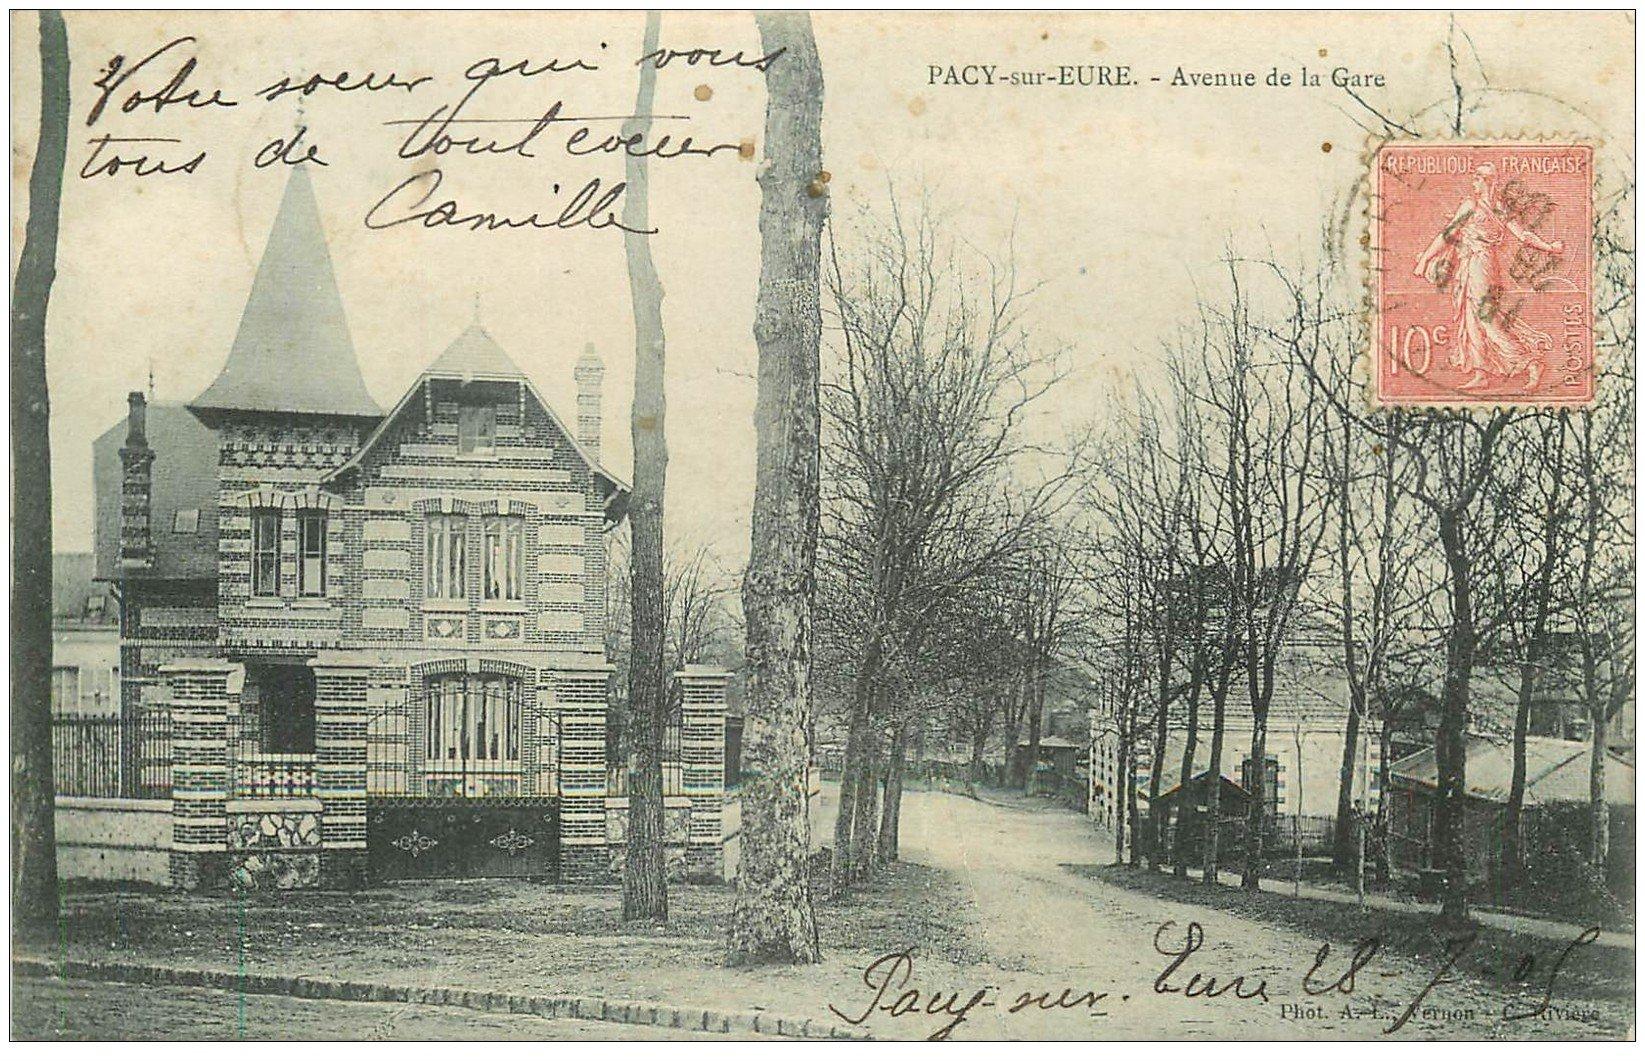 27 pacy sur eure avenue de la gare 1905 - Magasin avenue de la gare luxembourg ...